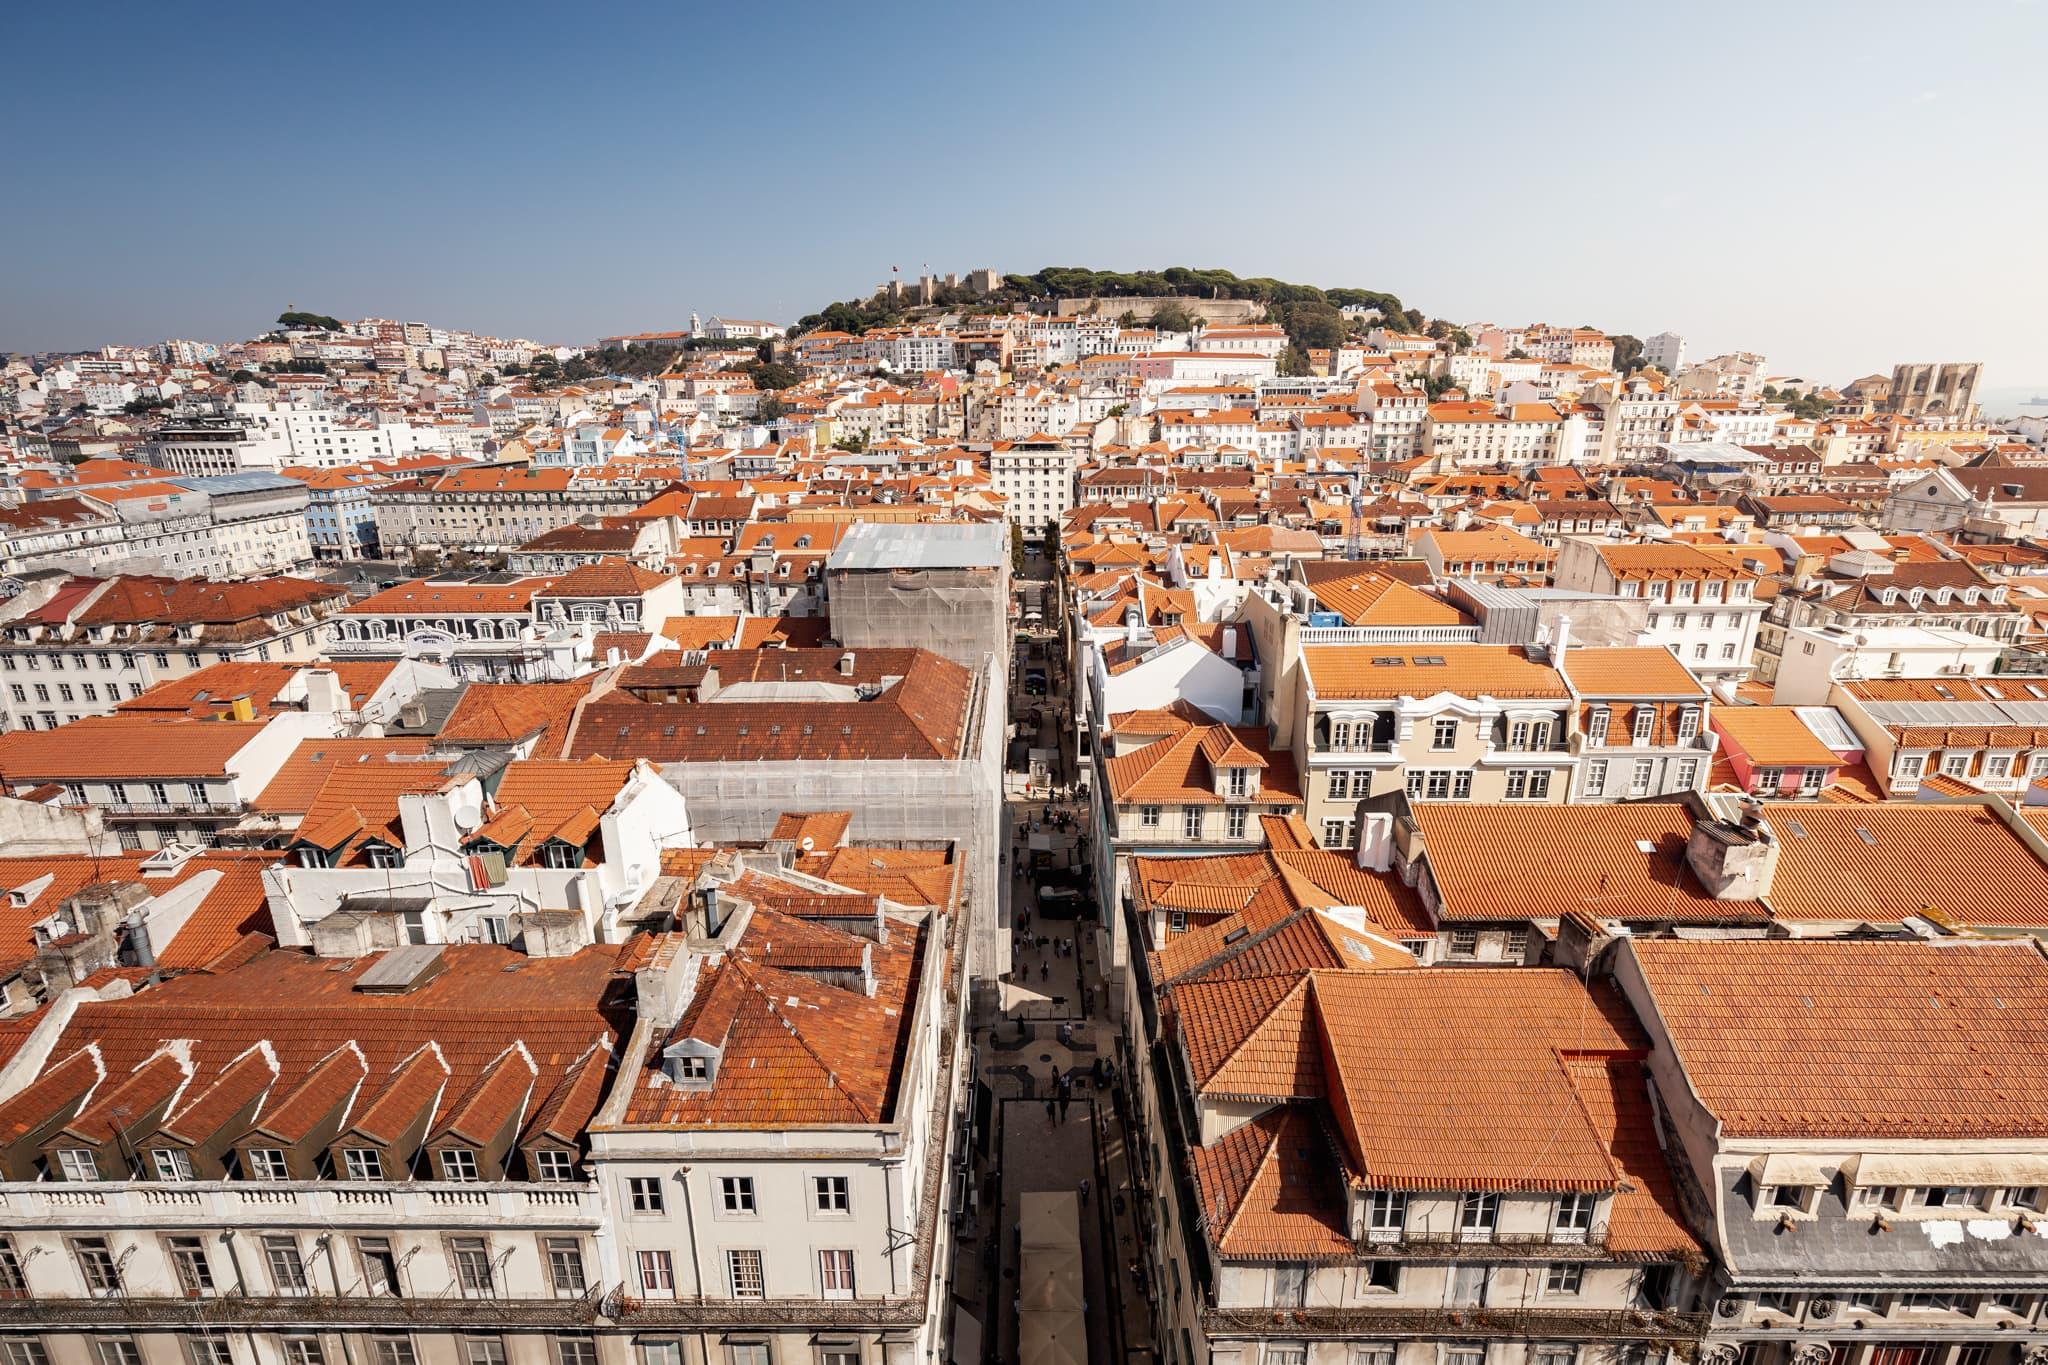 Blick auf die Innenstadt und Castelo de São Jorge in Lissabon, Portugal, Europa